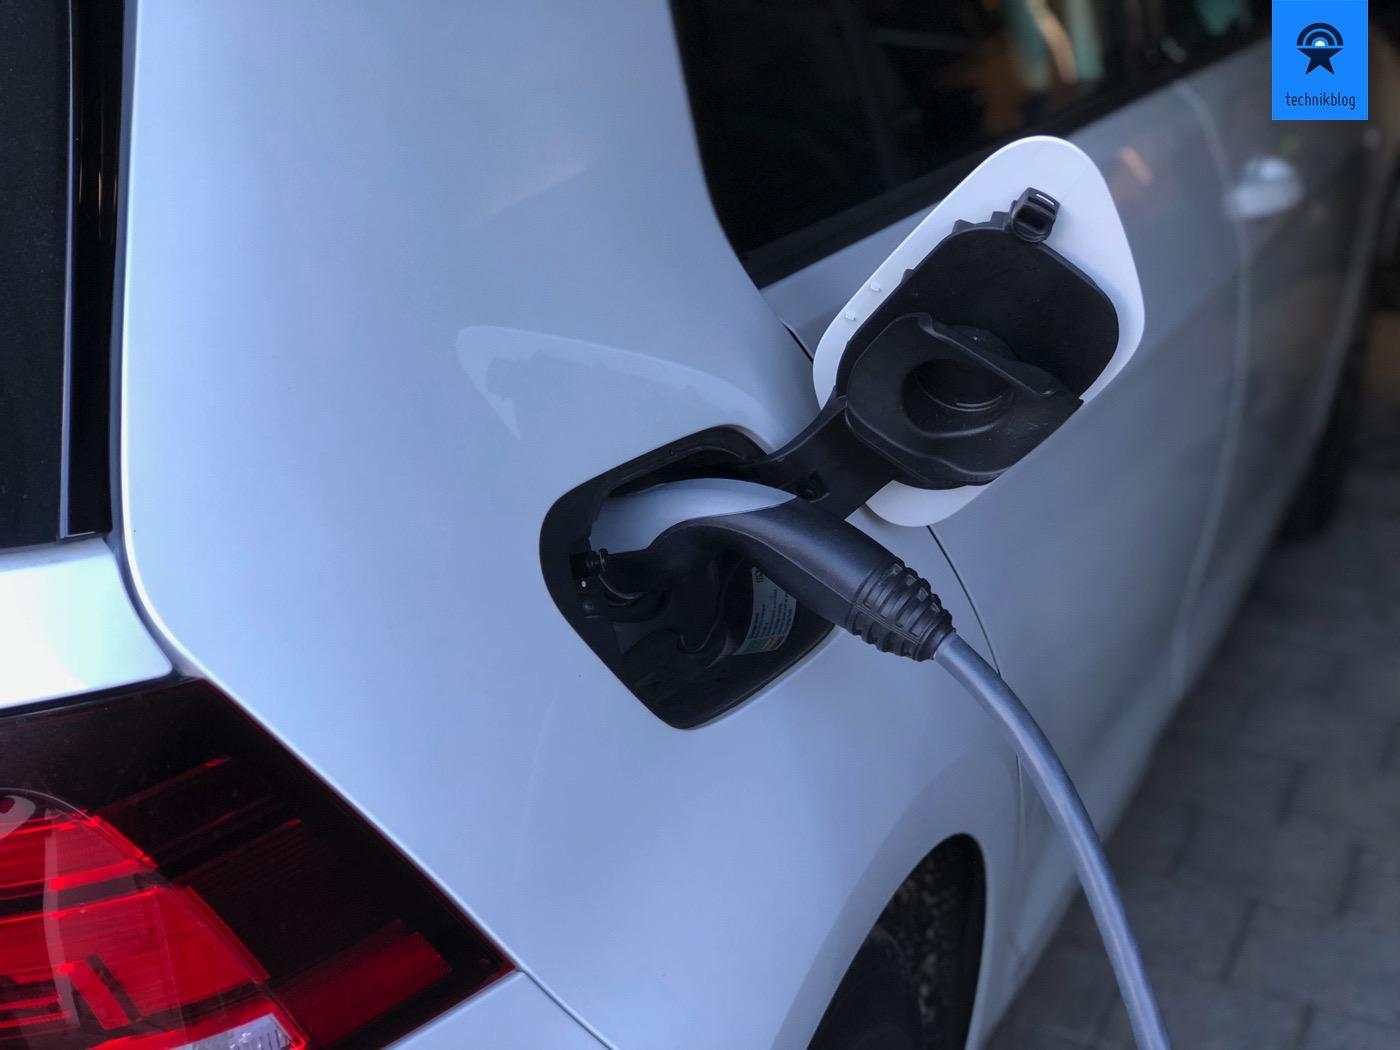 VW e-Golf an der Keba Wallbox aufladen